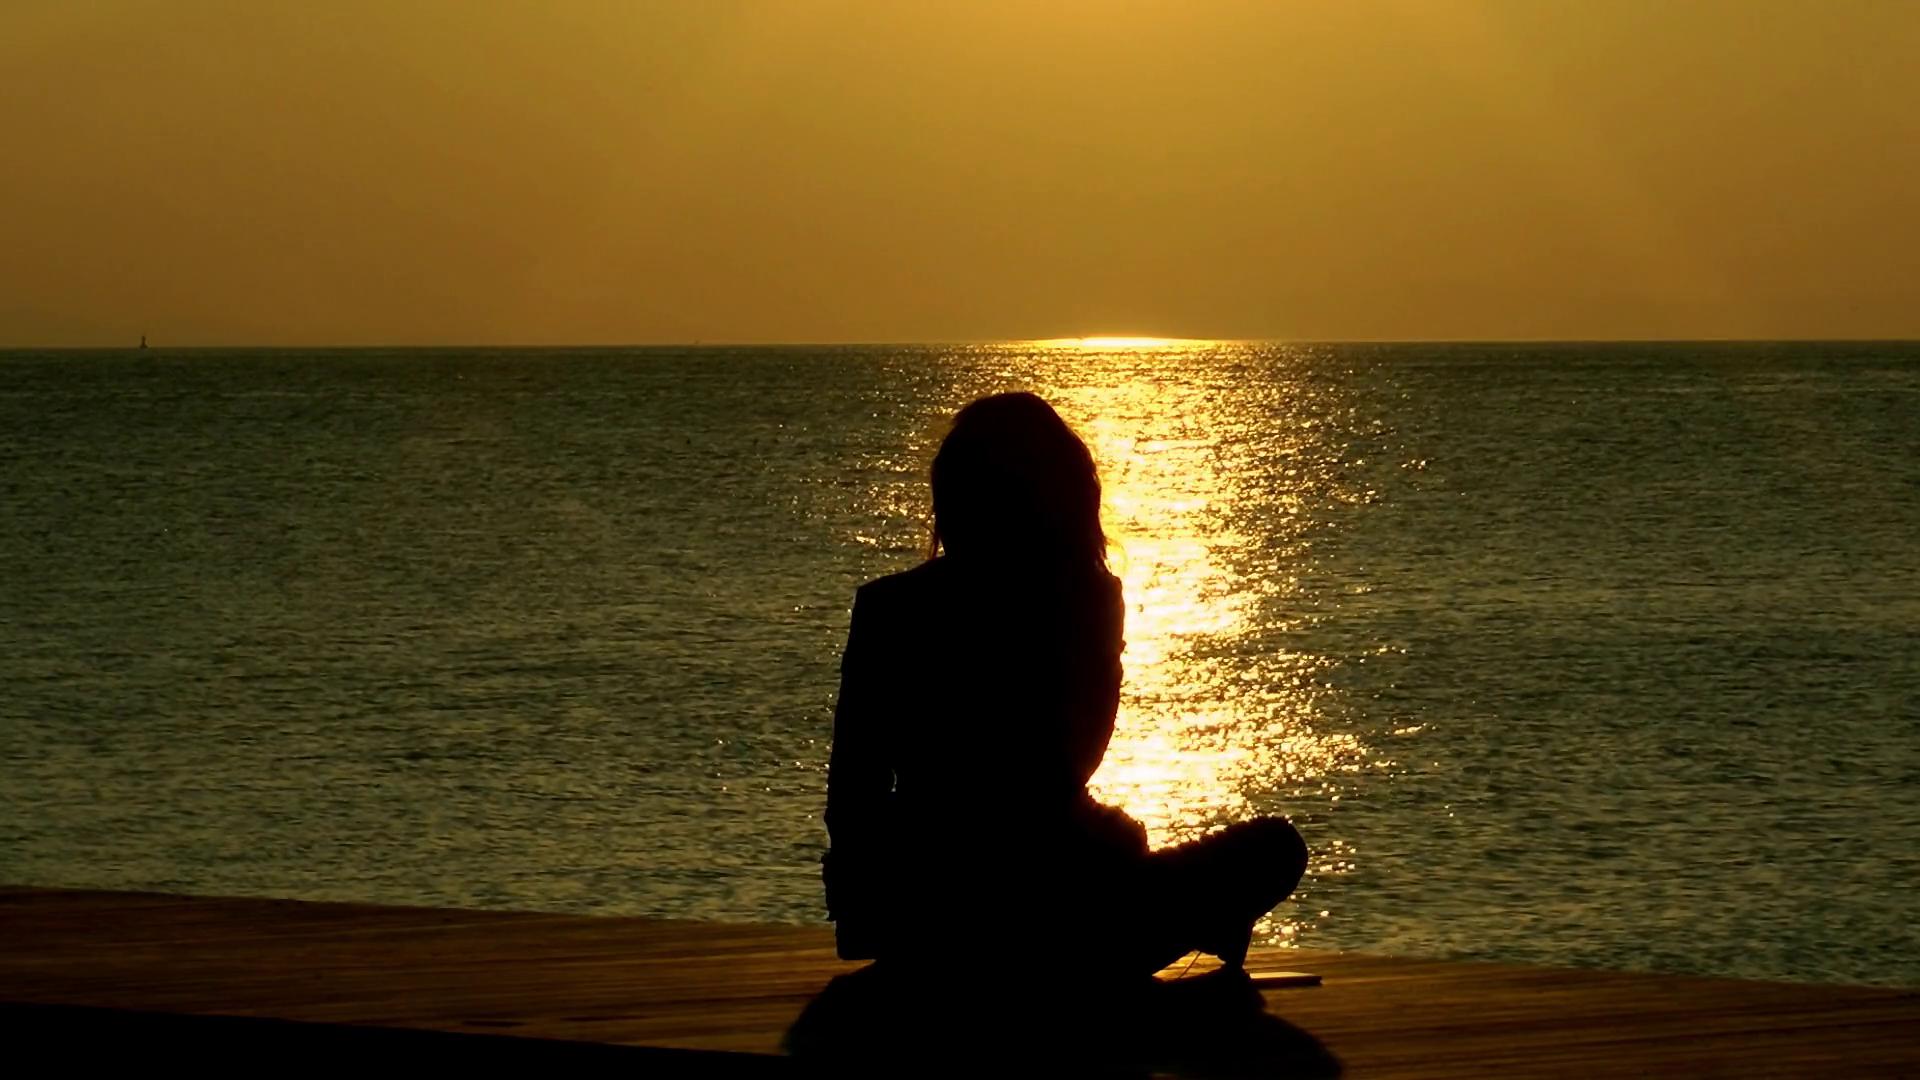 Hình ảnh cô gái buồn bên bờ biển